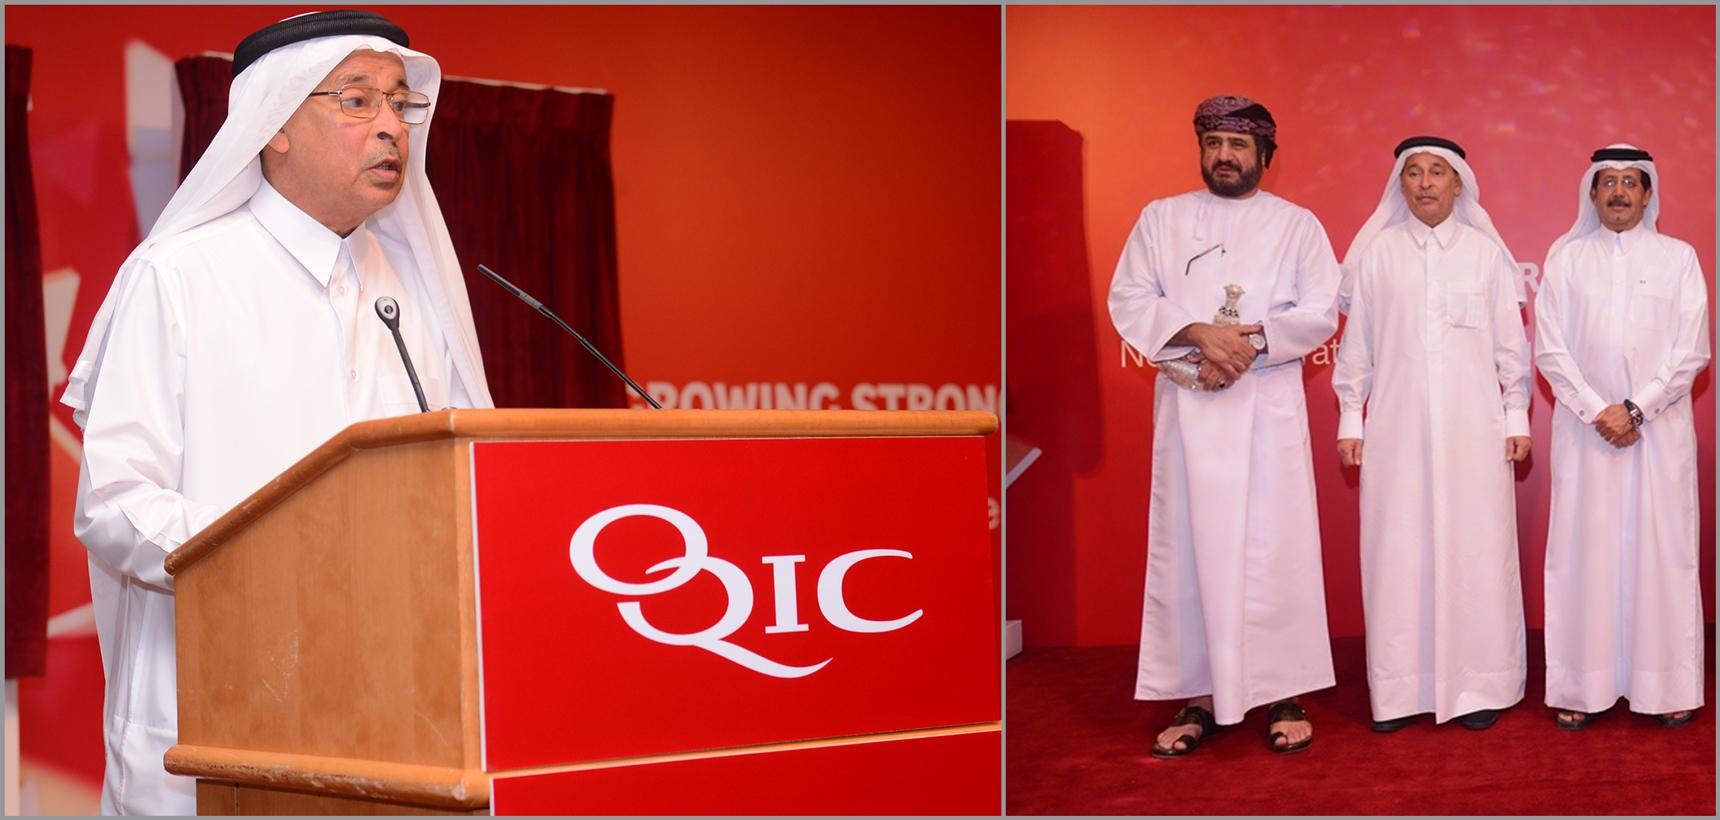 OQIC-Qatar Qlm Medical Claim Form on